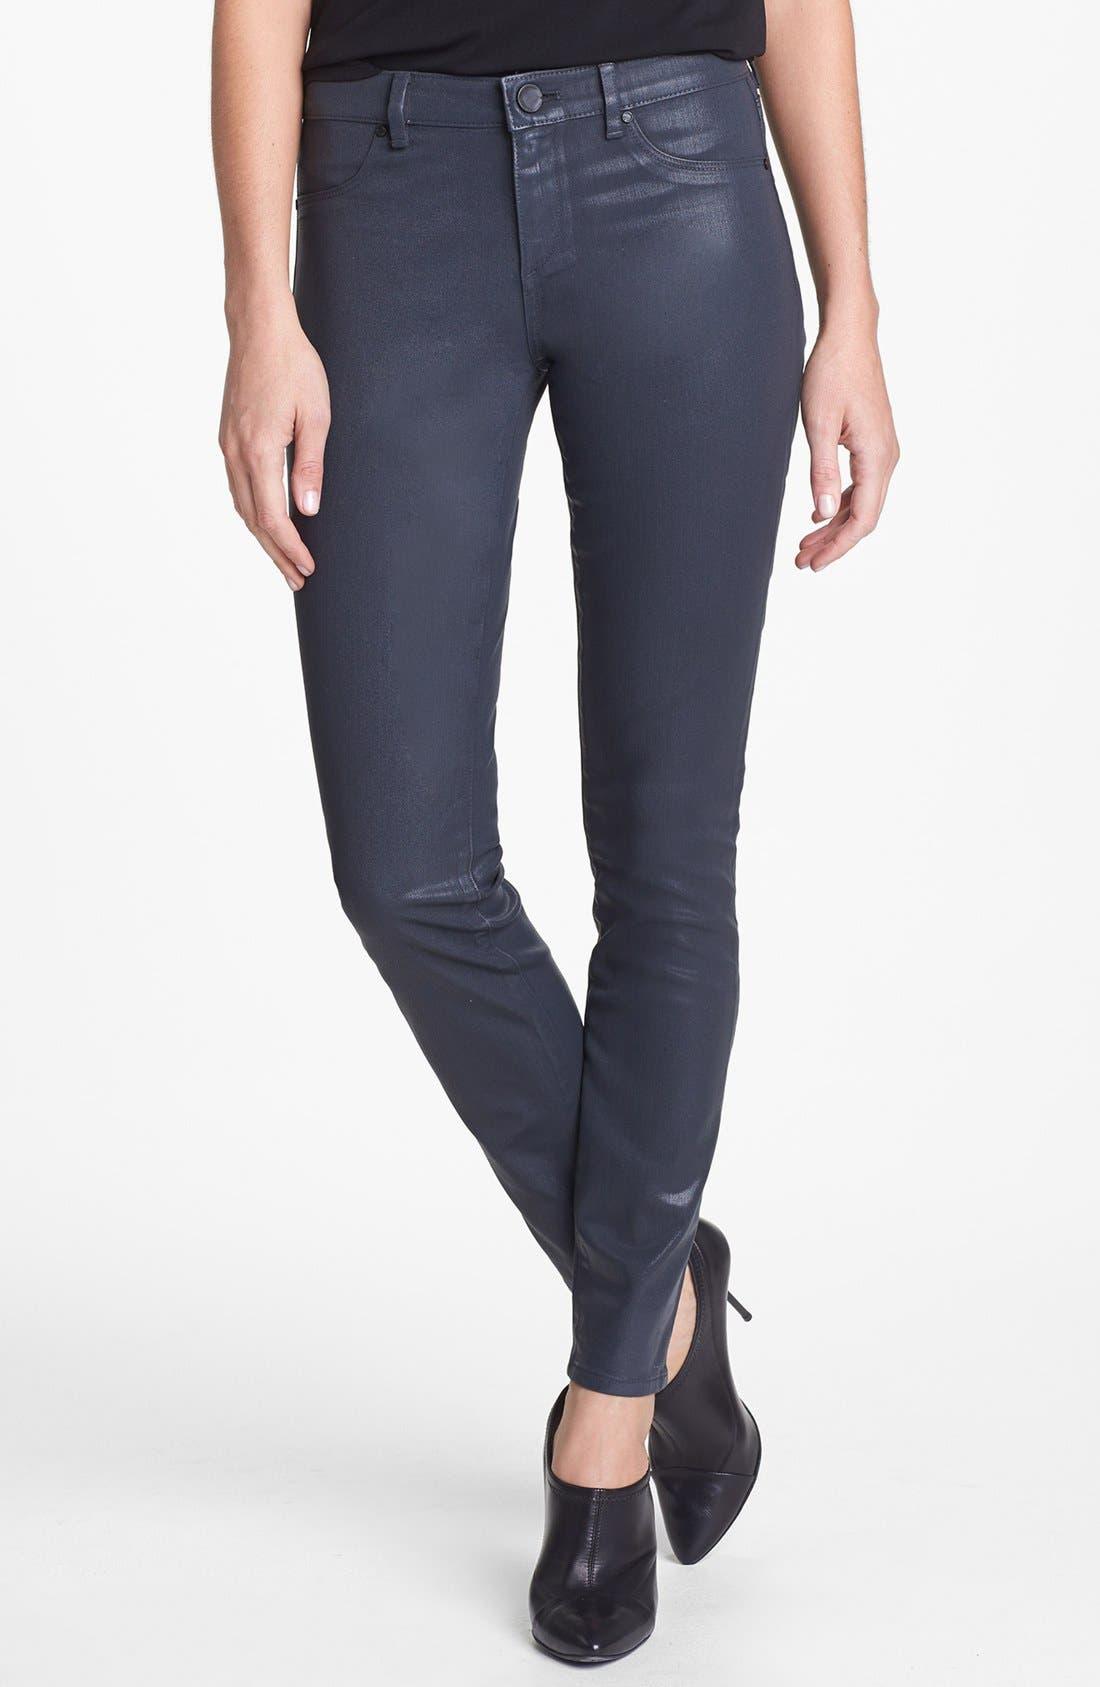 Main Image - Elie Tahari 'Azella' Skinny Jeans (Titanium)